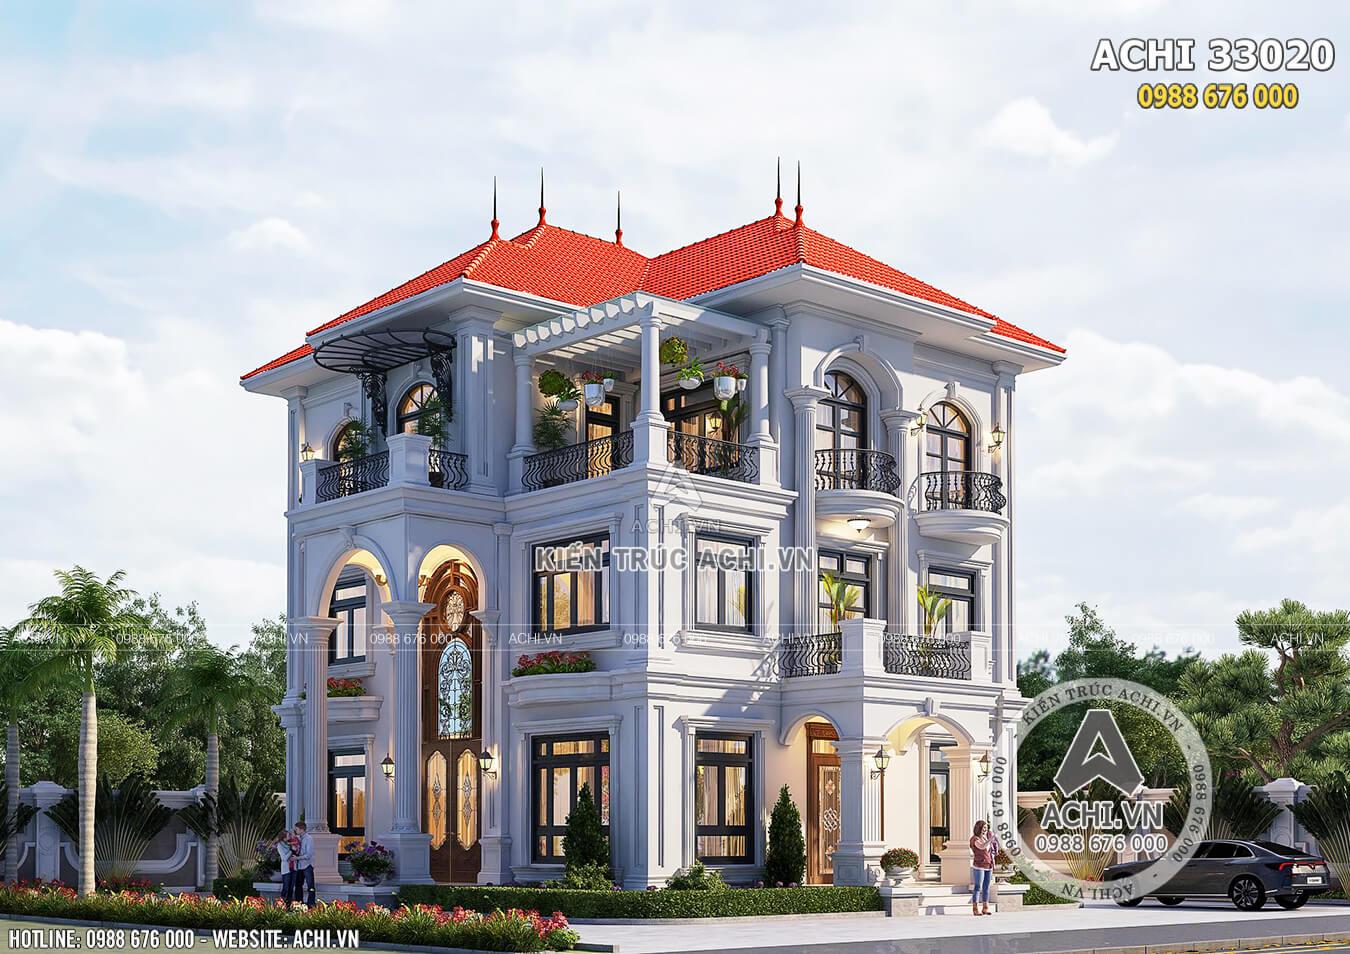 Mẫu thiết kế biệt thự 3 tầng tân cổ điển đẹp - ACHI 33020